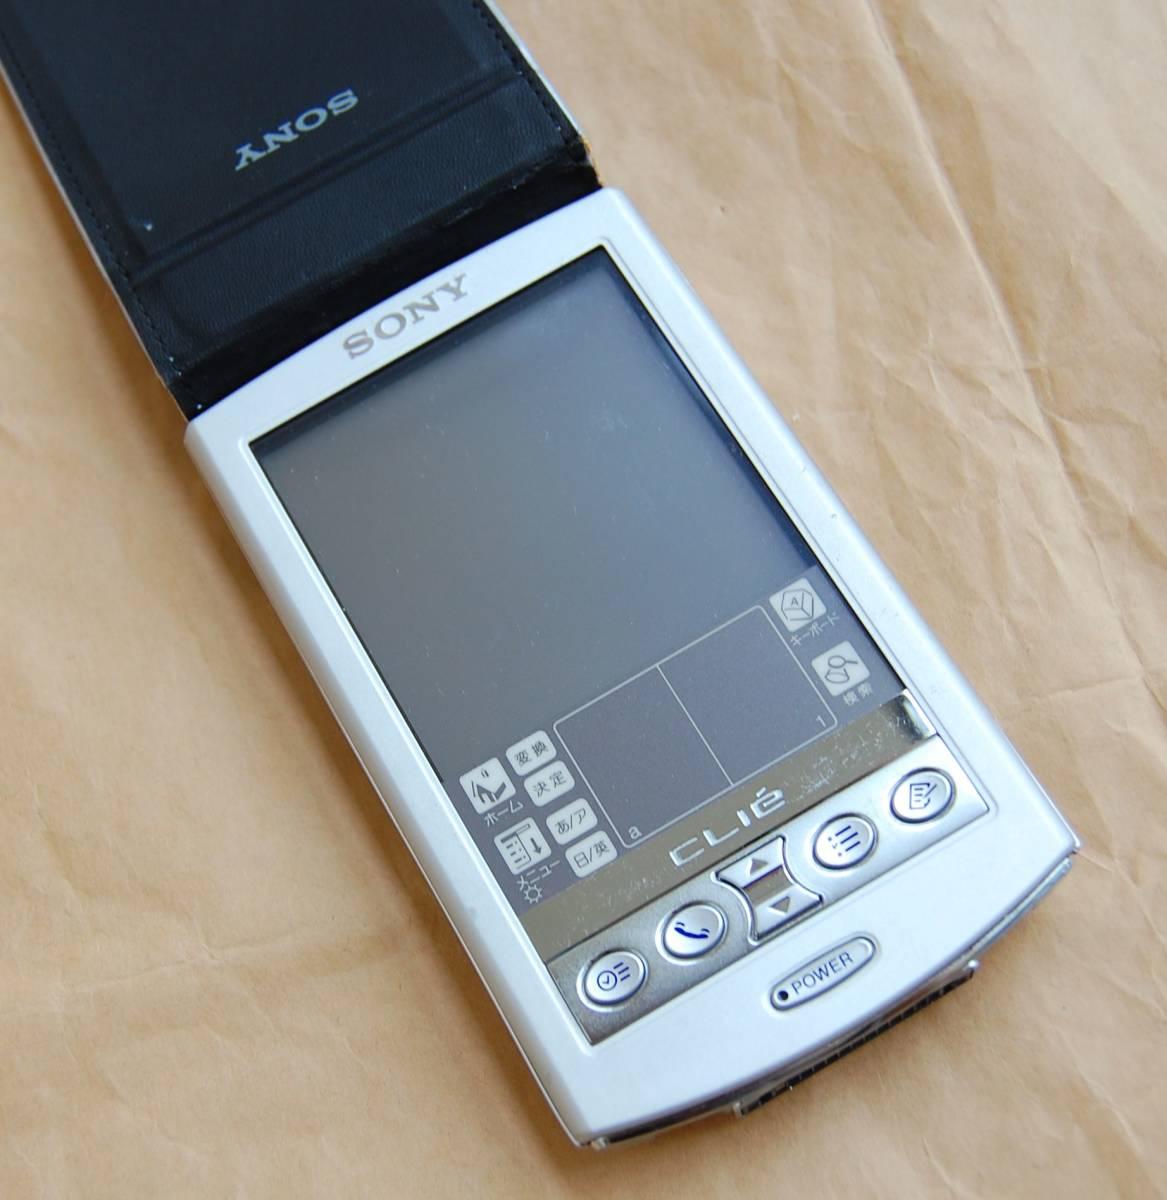 【美品】SONY CLIE PalmOS 4.1搭載PDA PEG-N750C 外観良好 現状渡し 送料210円~